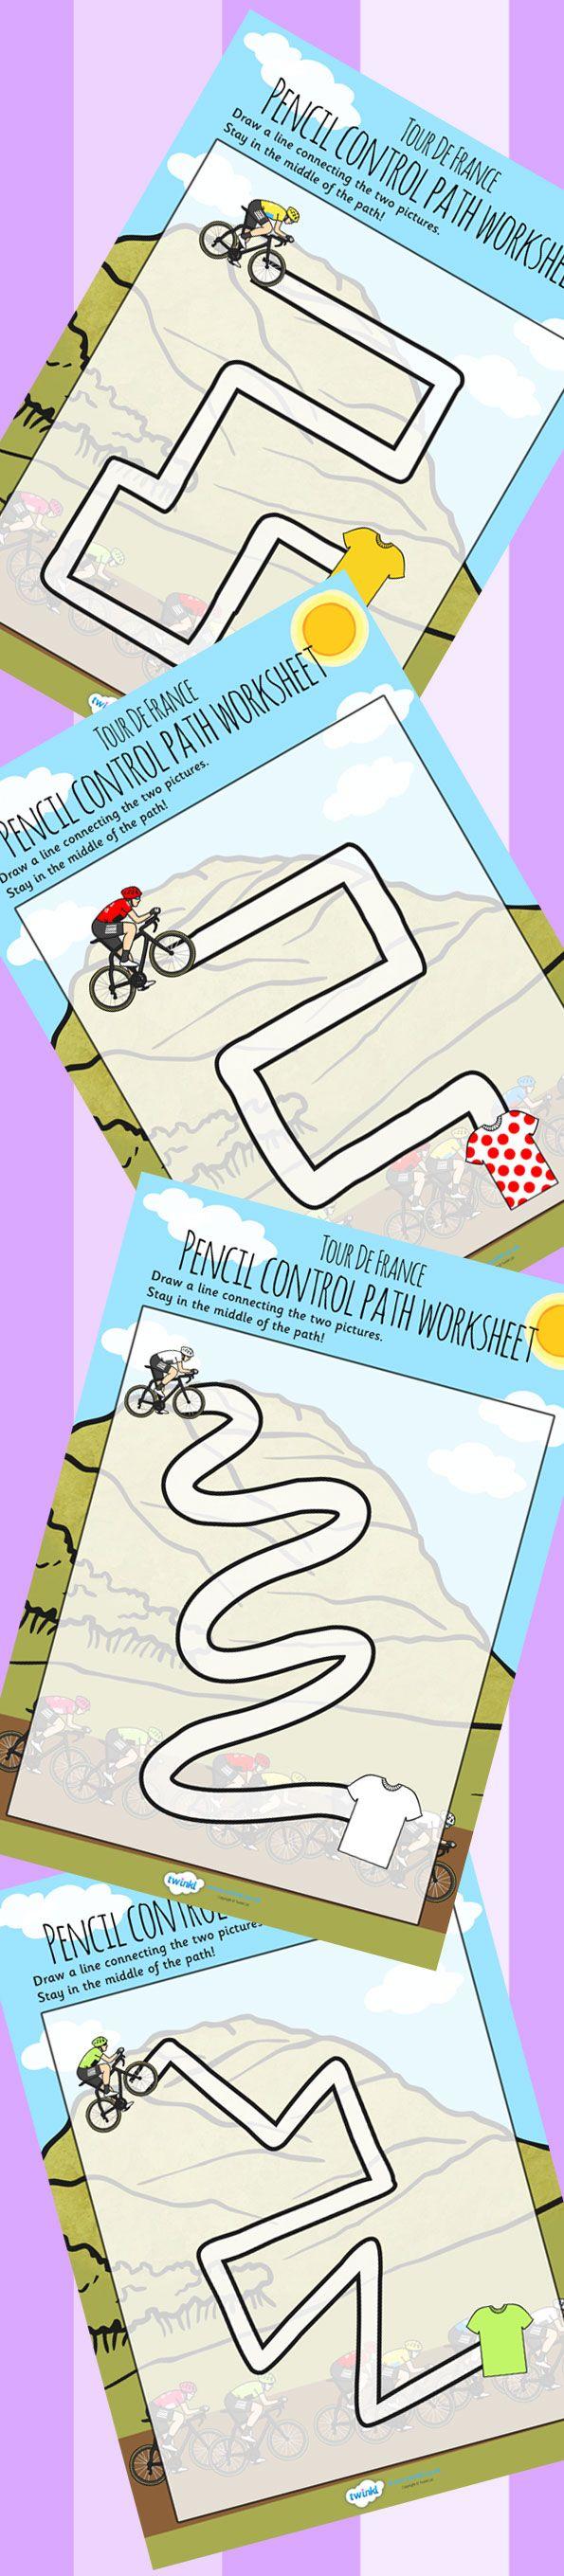 Tour de France Themed Pencil Control Path Worksheets